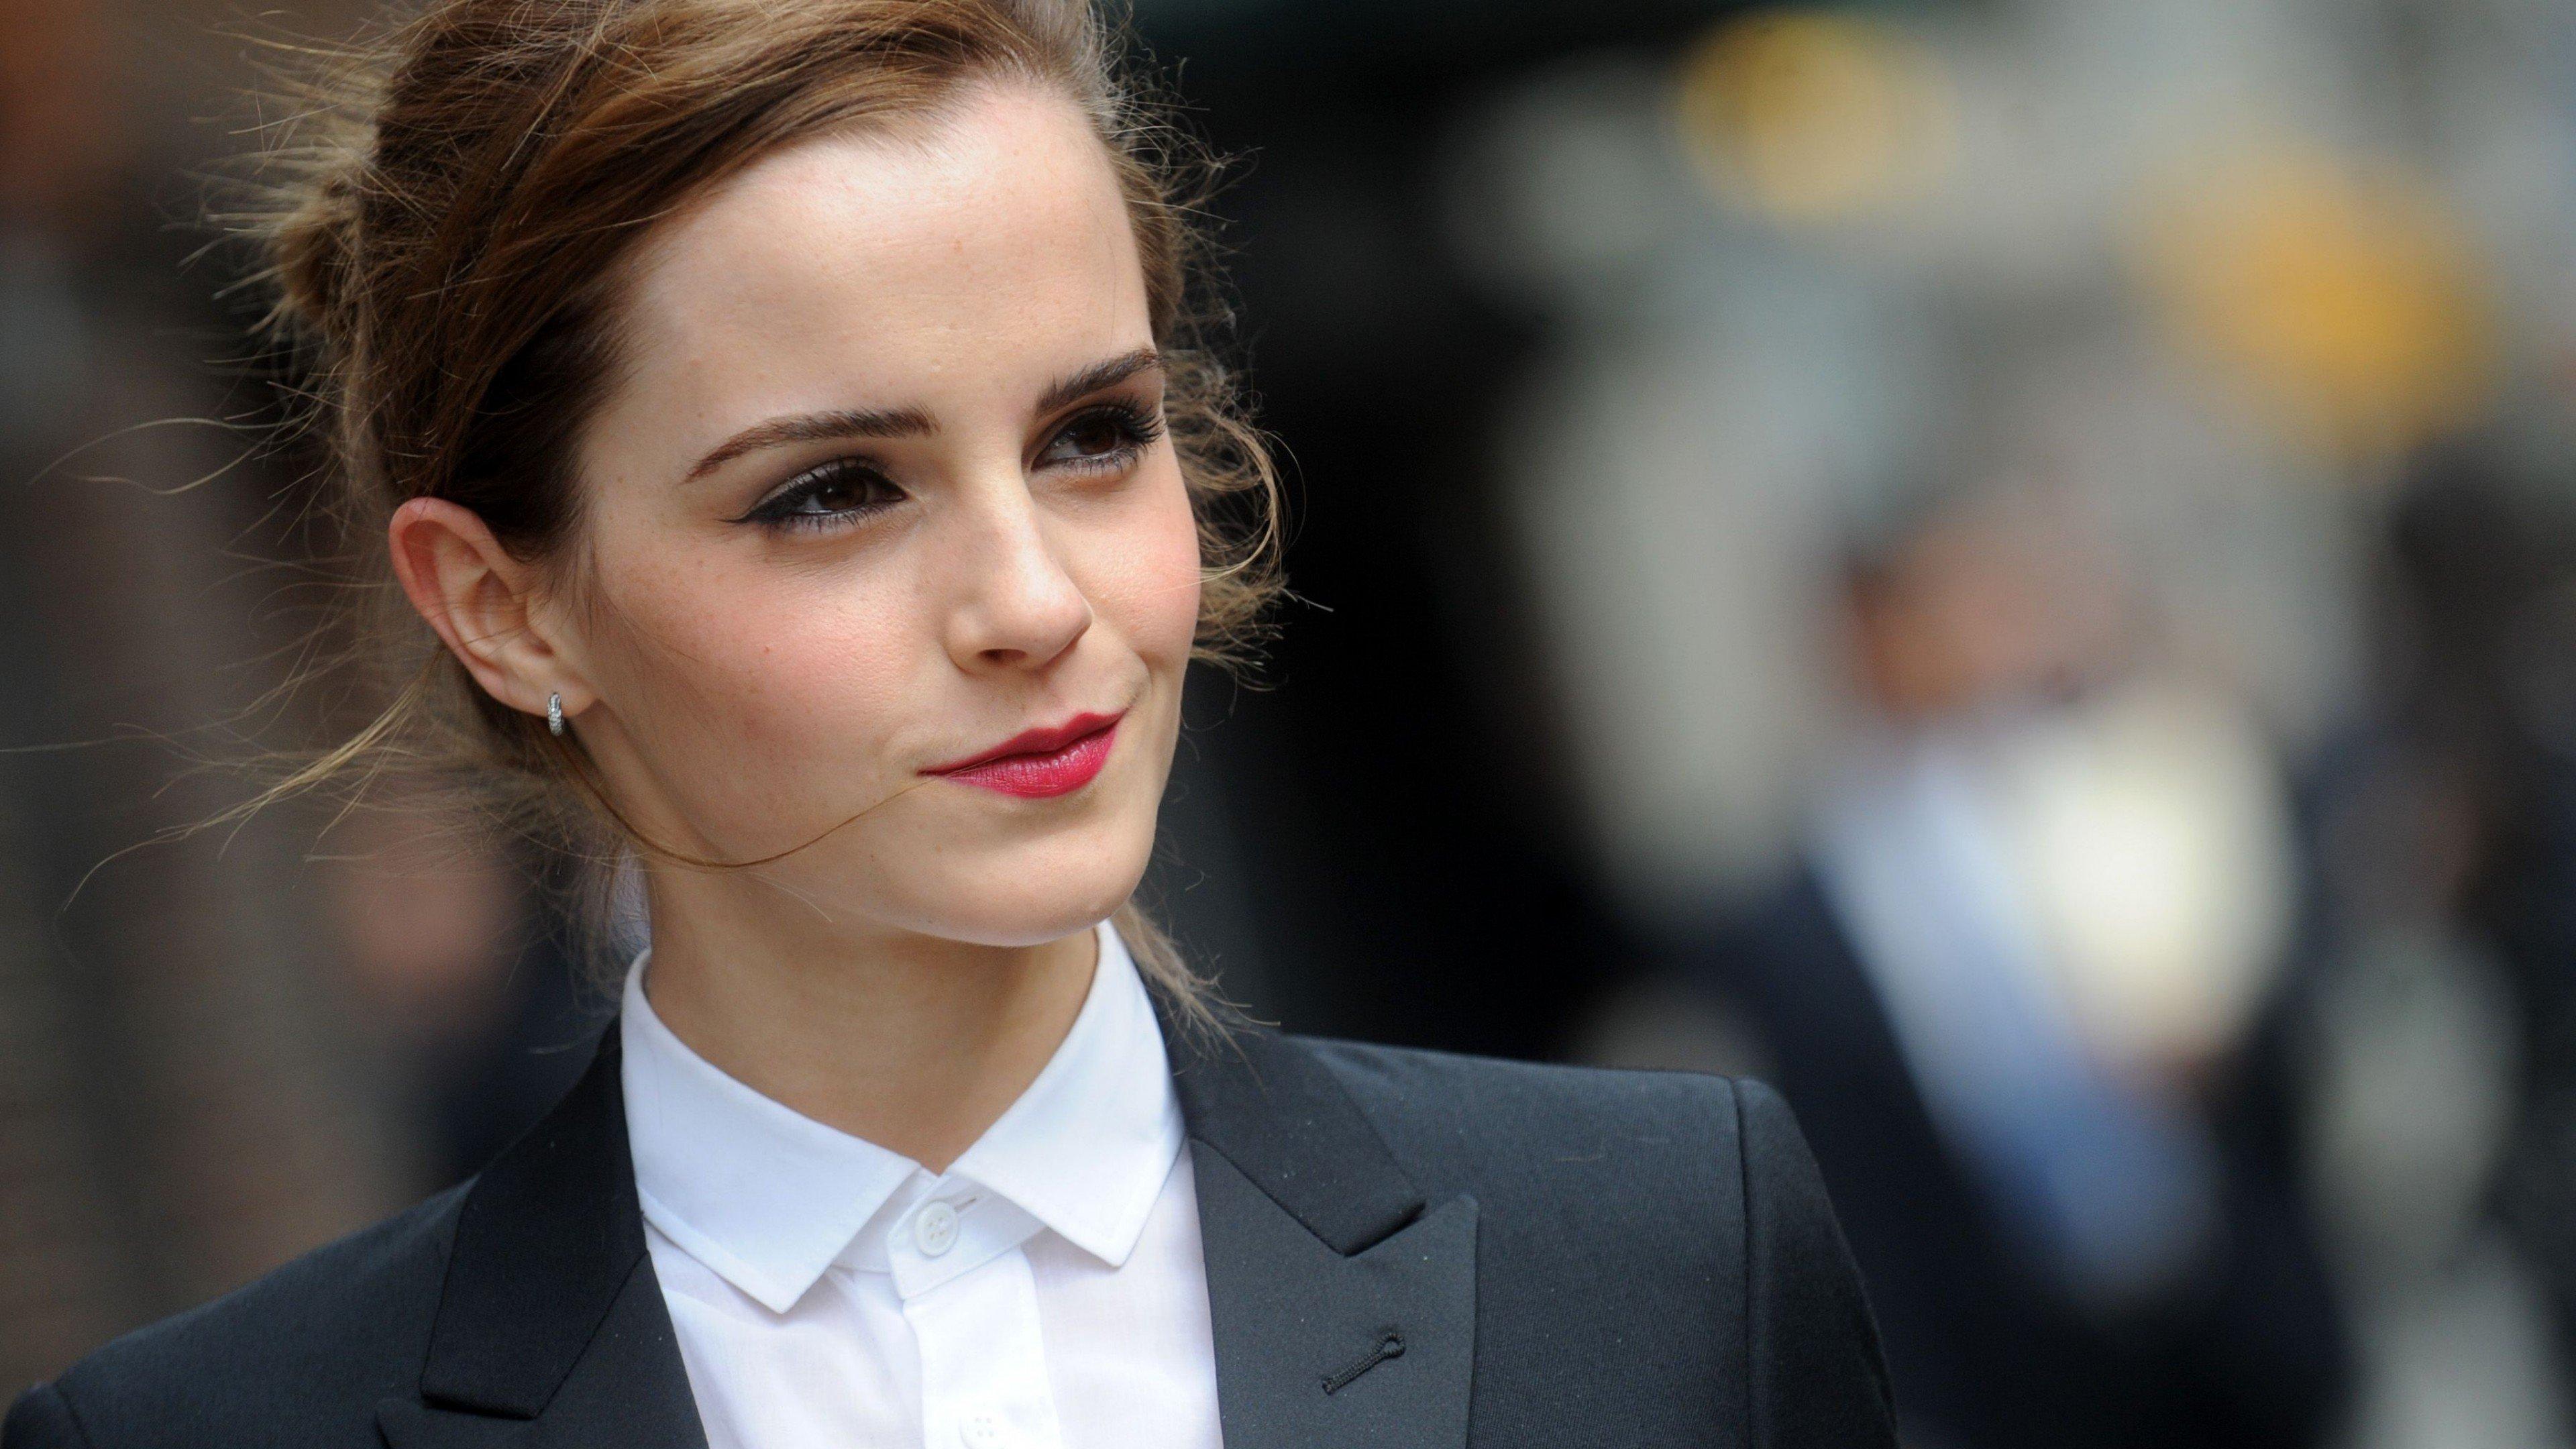 Fondos de pantalla Emma Watson